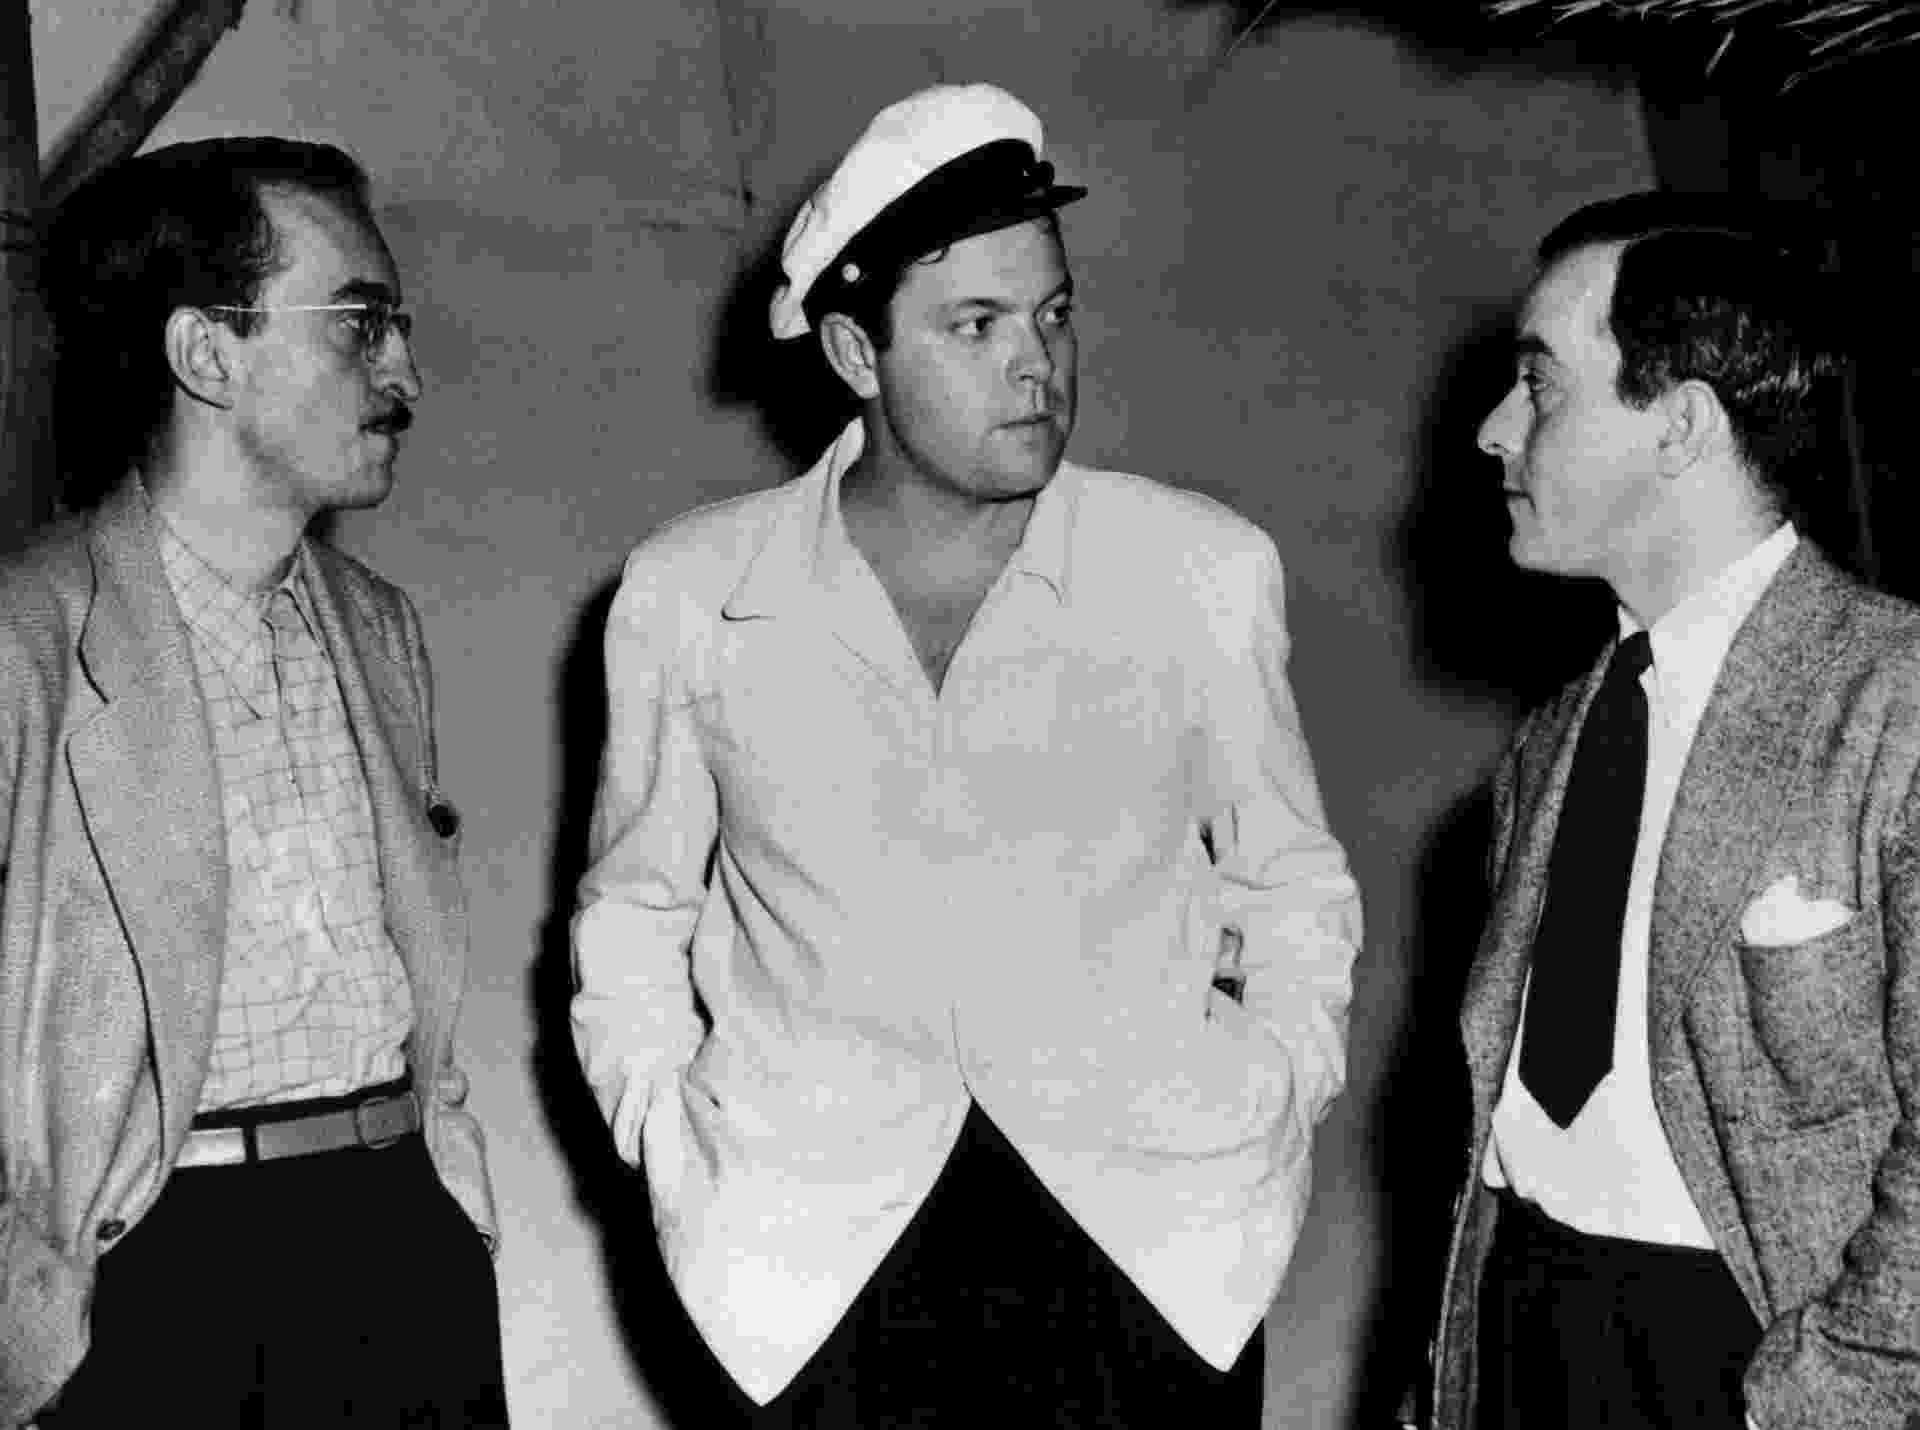 Os cineastas Alex Viany e Orson Welles e o então vice-cônsul Vinicius de Moraes, em Los Angeles - VMCultural/DR